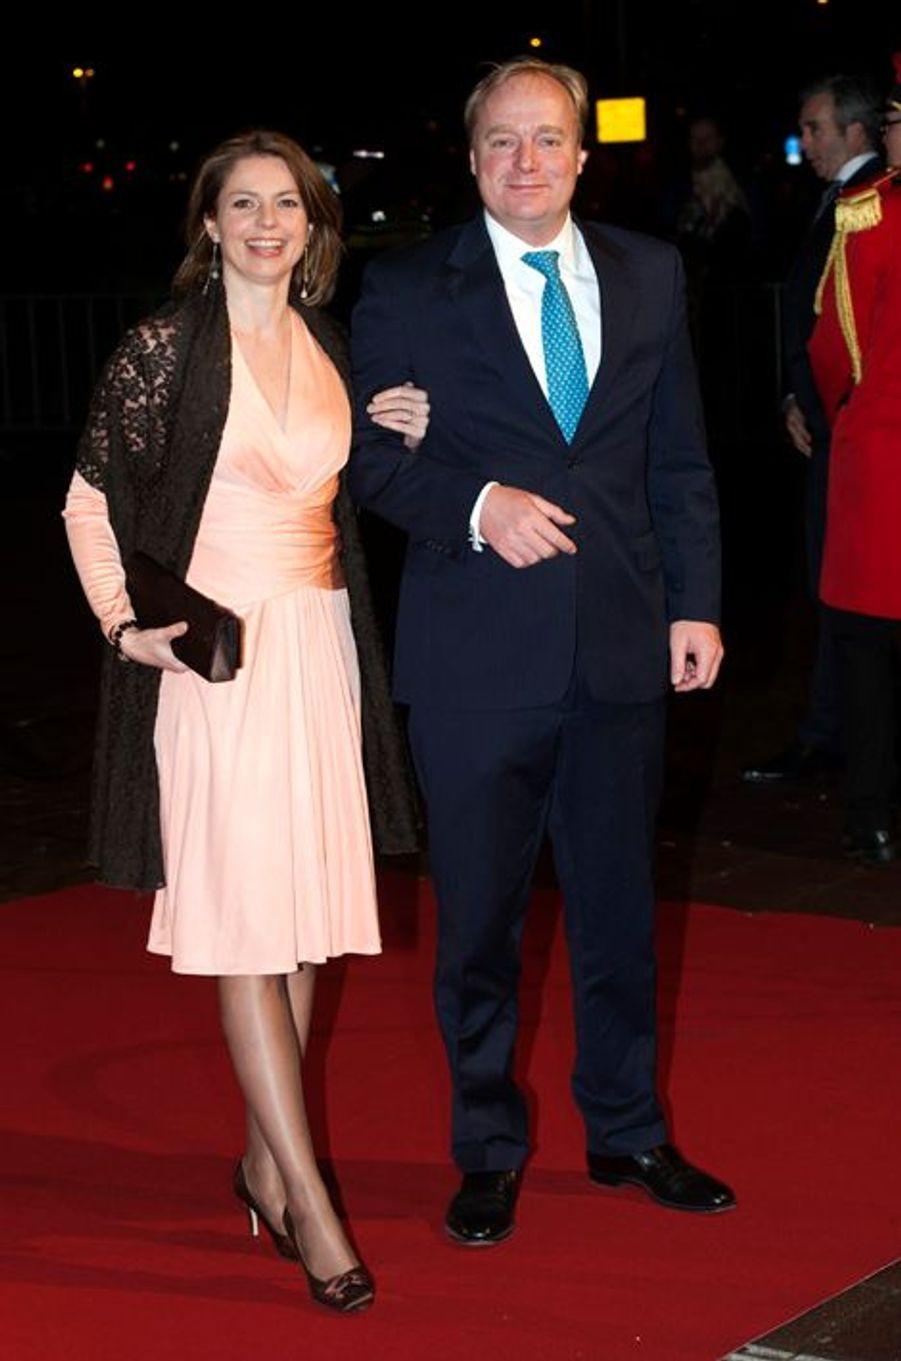 La princesse Anne-Marie et le prince Carlos de Bourbon-Parme au théâtre Beatrix d'Utrecht, le 8 décembre 2014